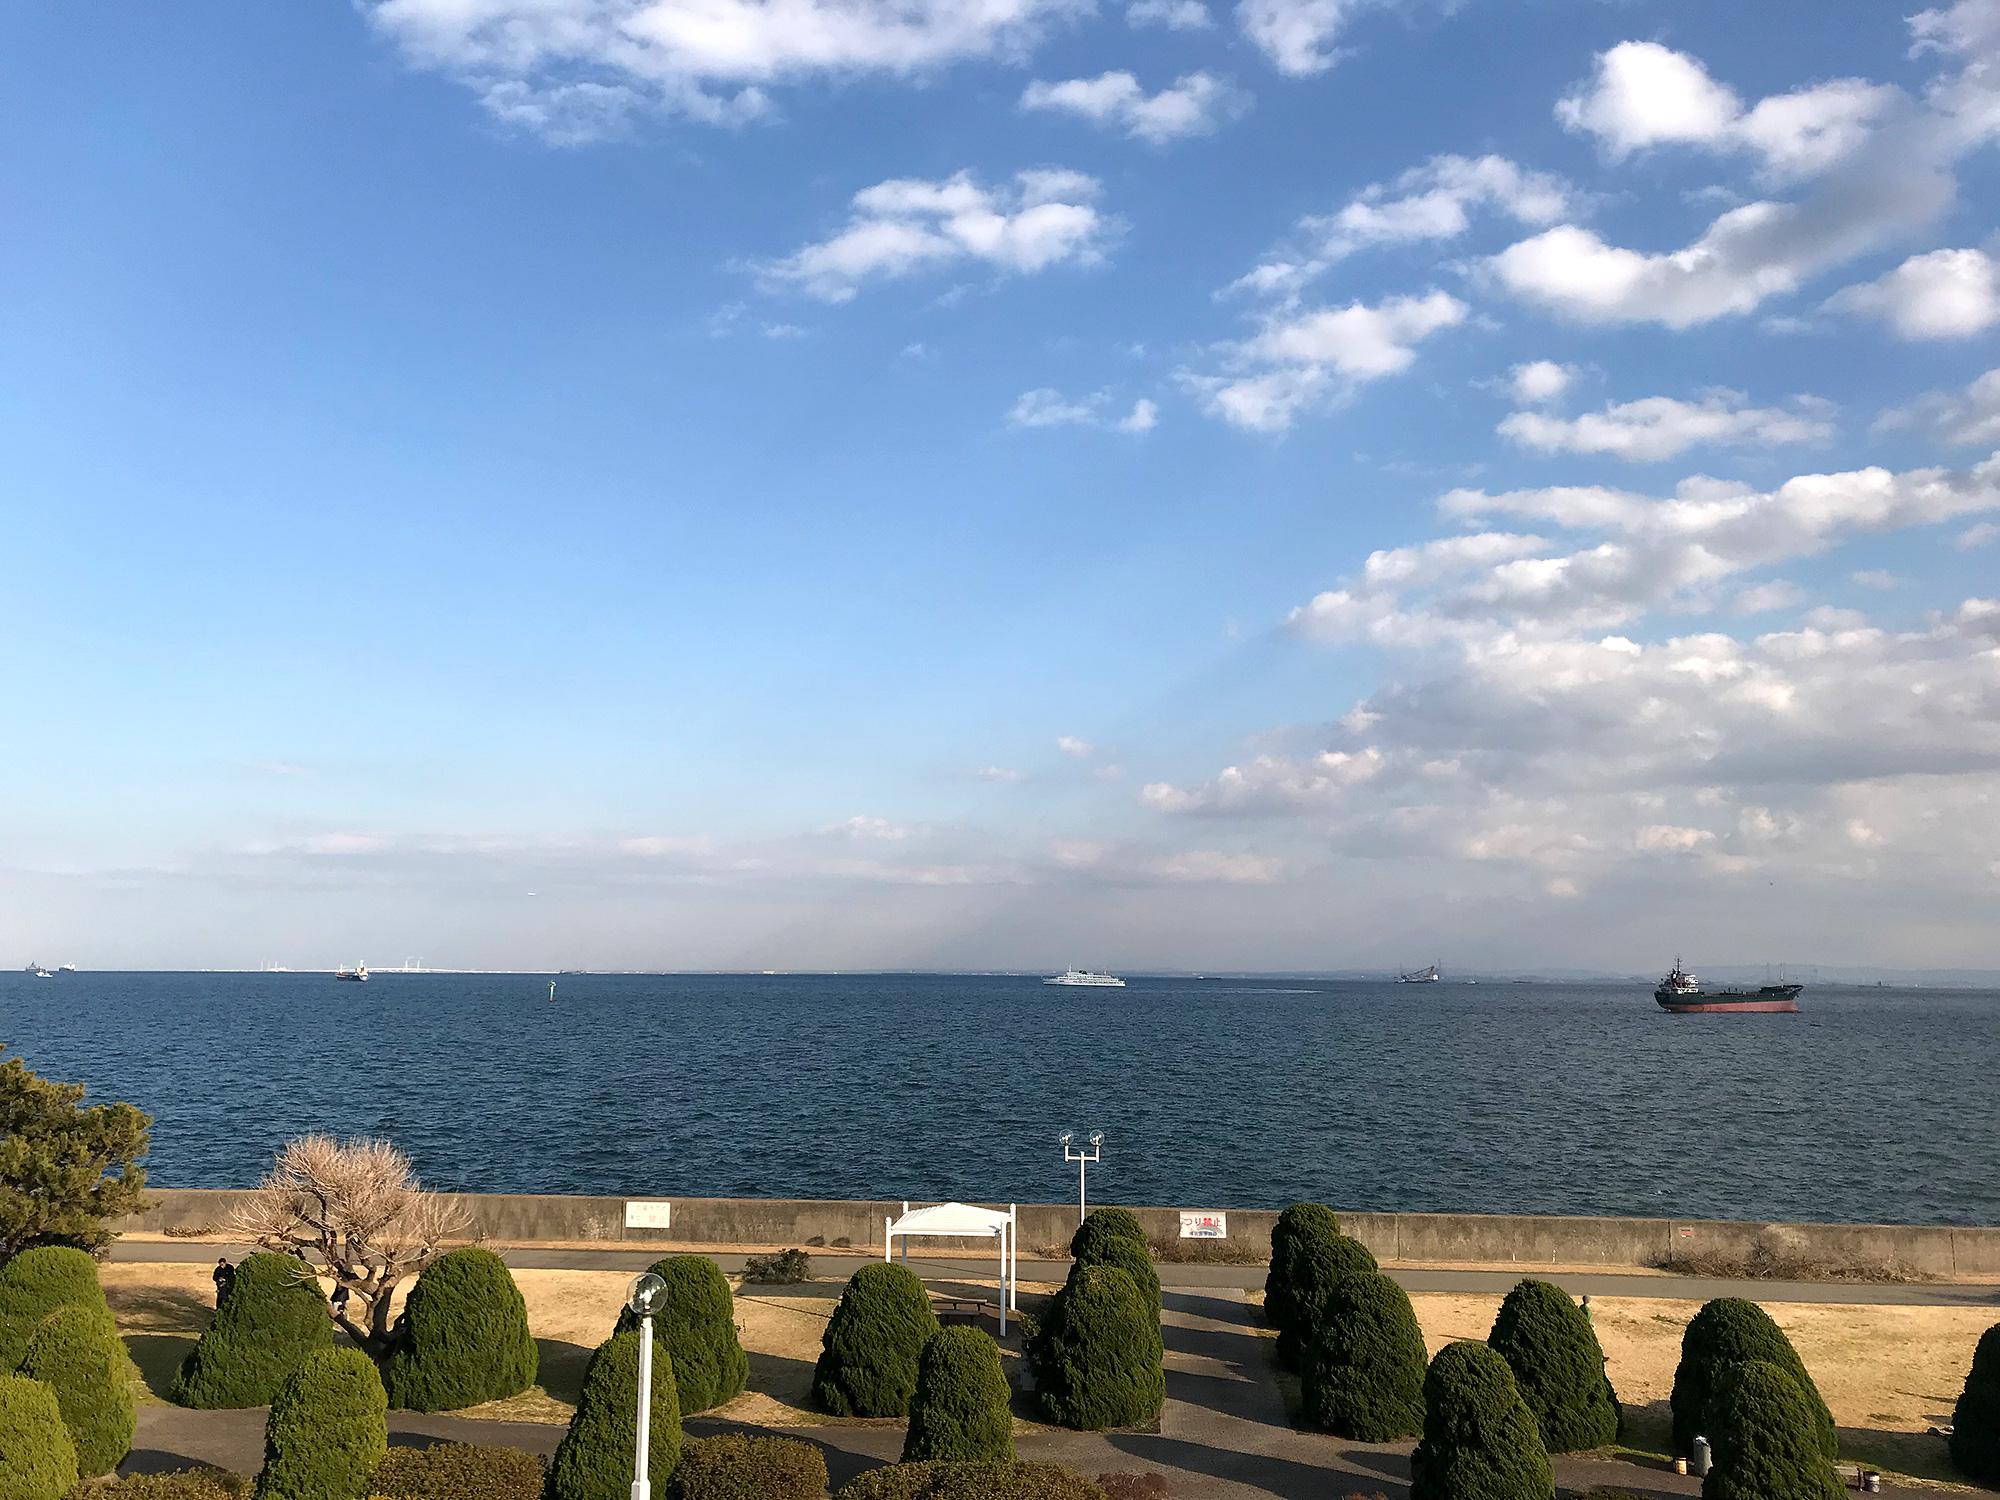 海が見える公園の写真の無料画像素材